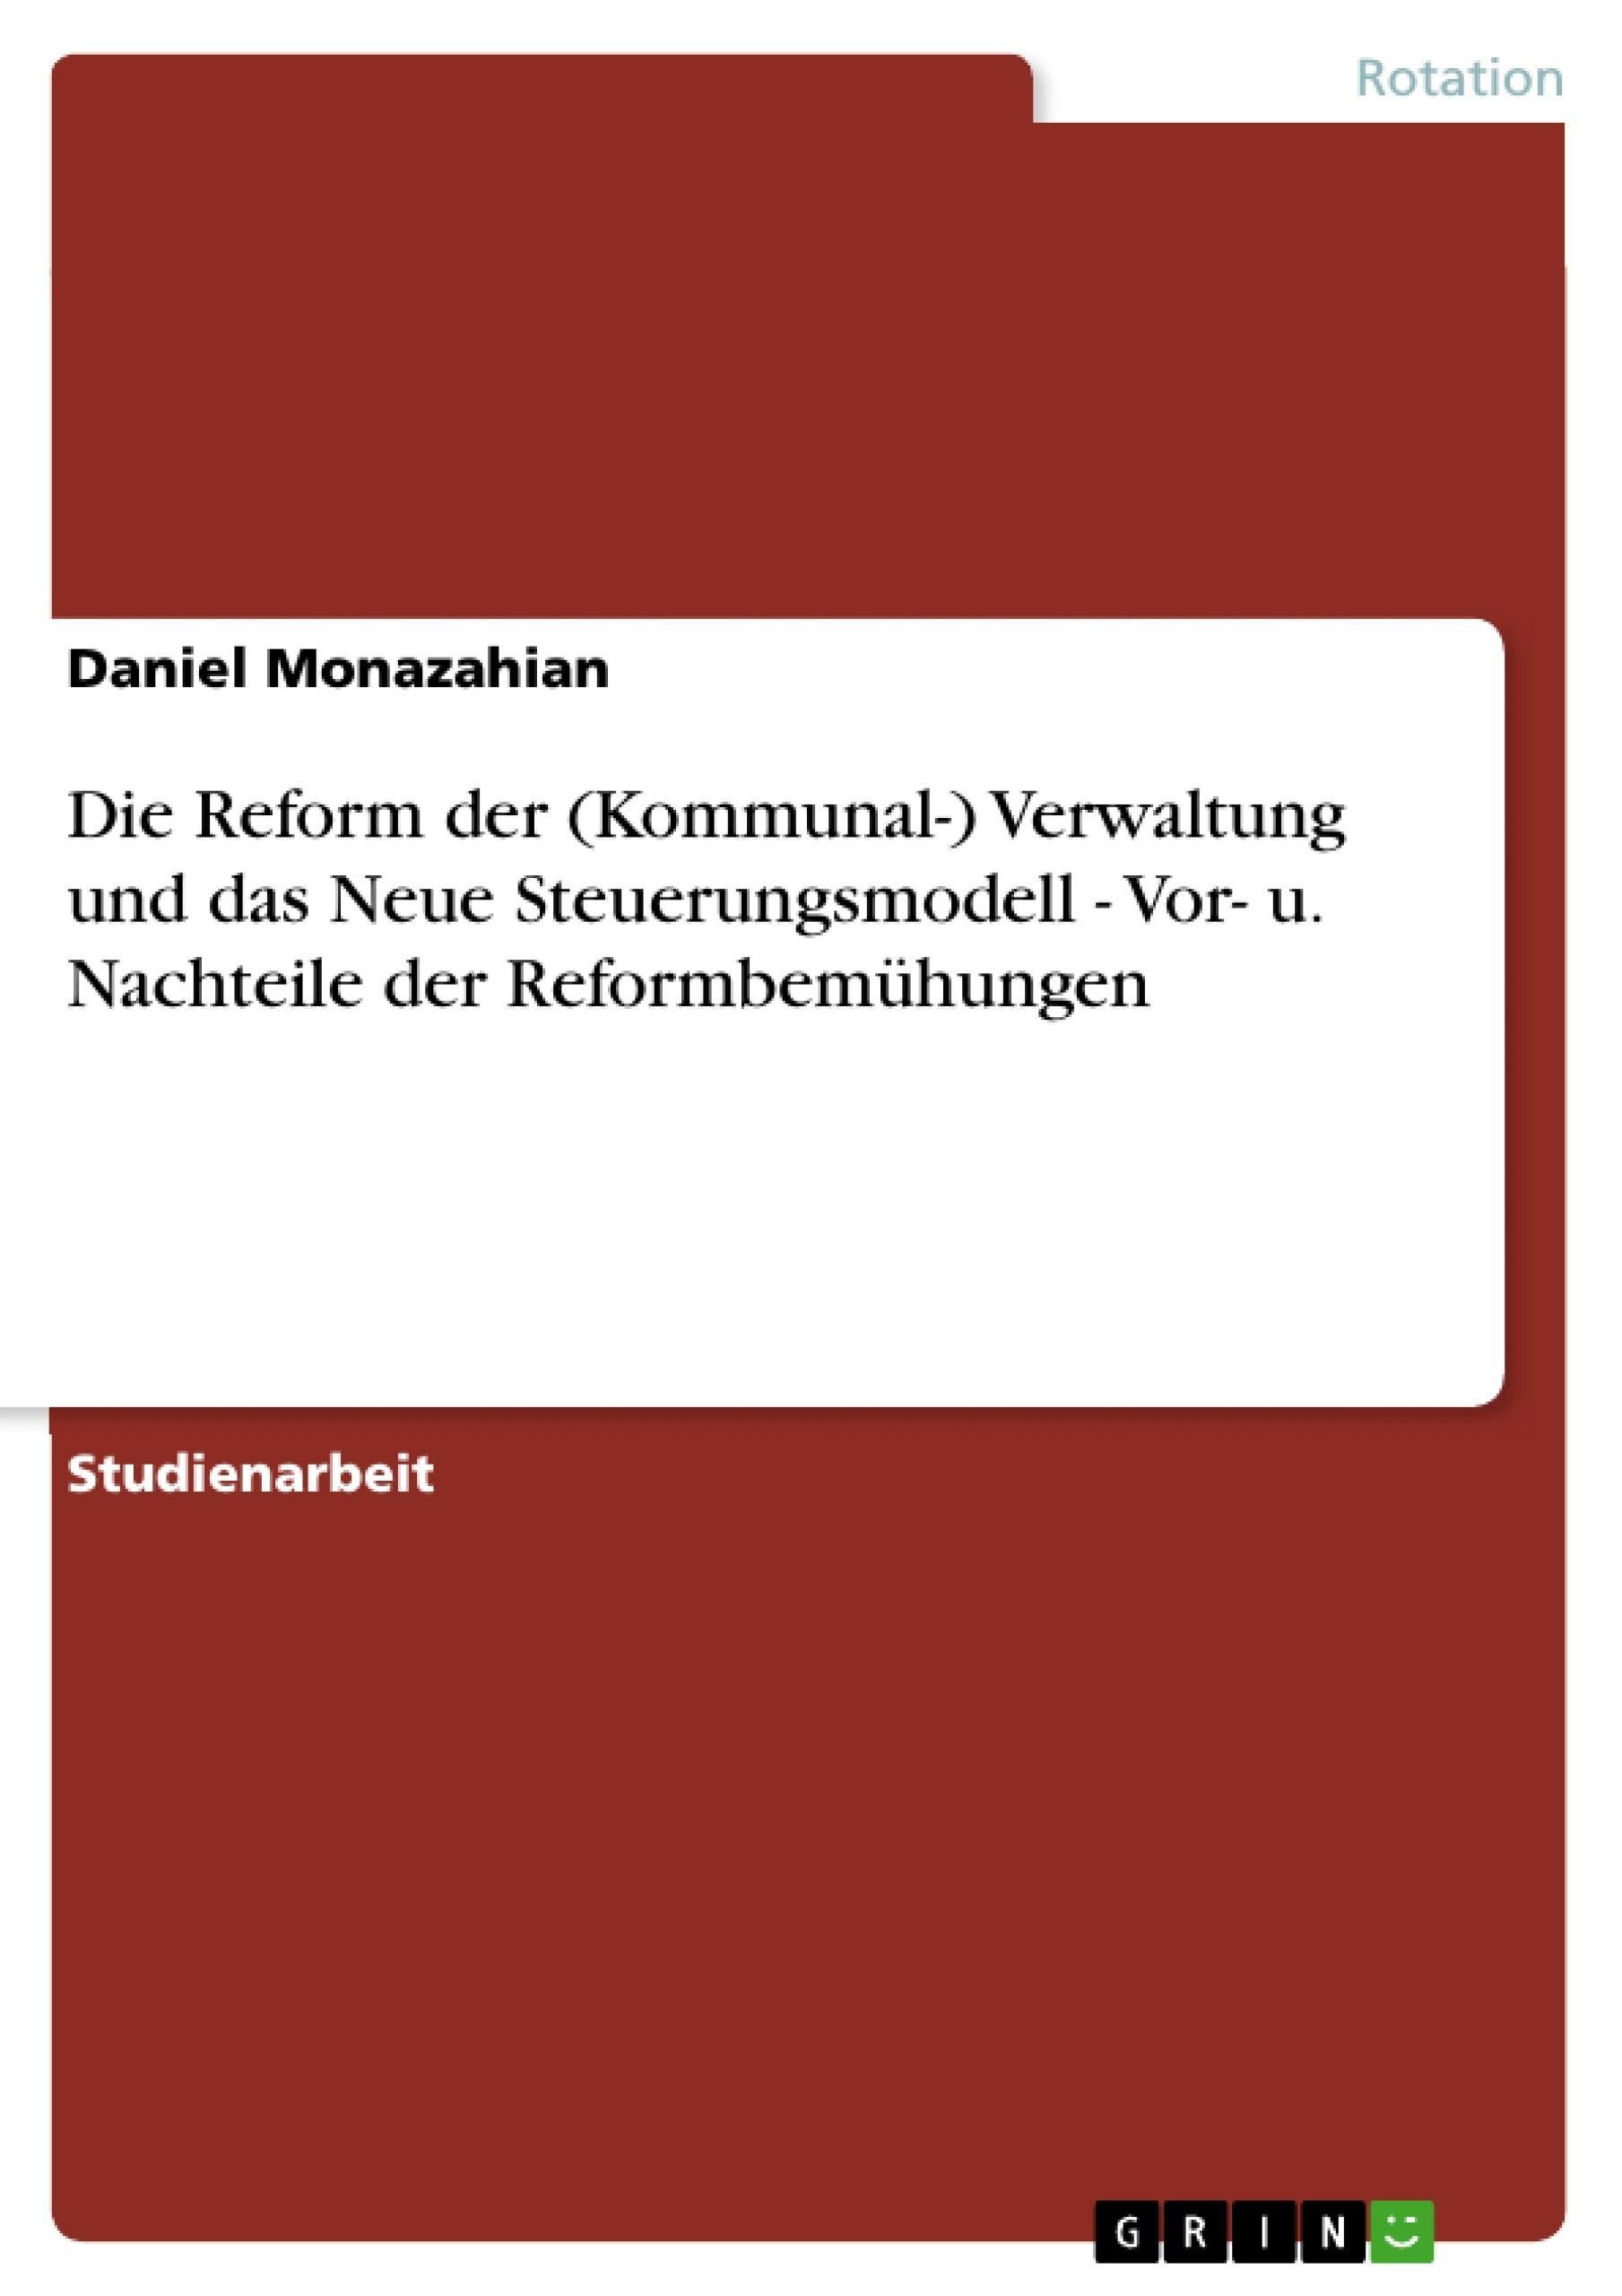 Titel: Die Reform der (Kommunal-) Verwaltung und das Neue Steuerungsmodell - Vor- u. Nachteile der Reformbemühungen